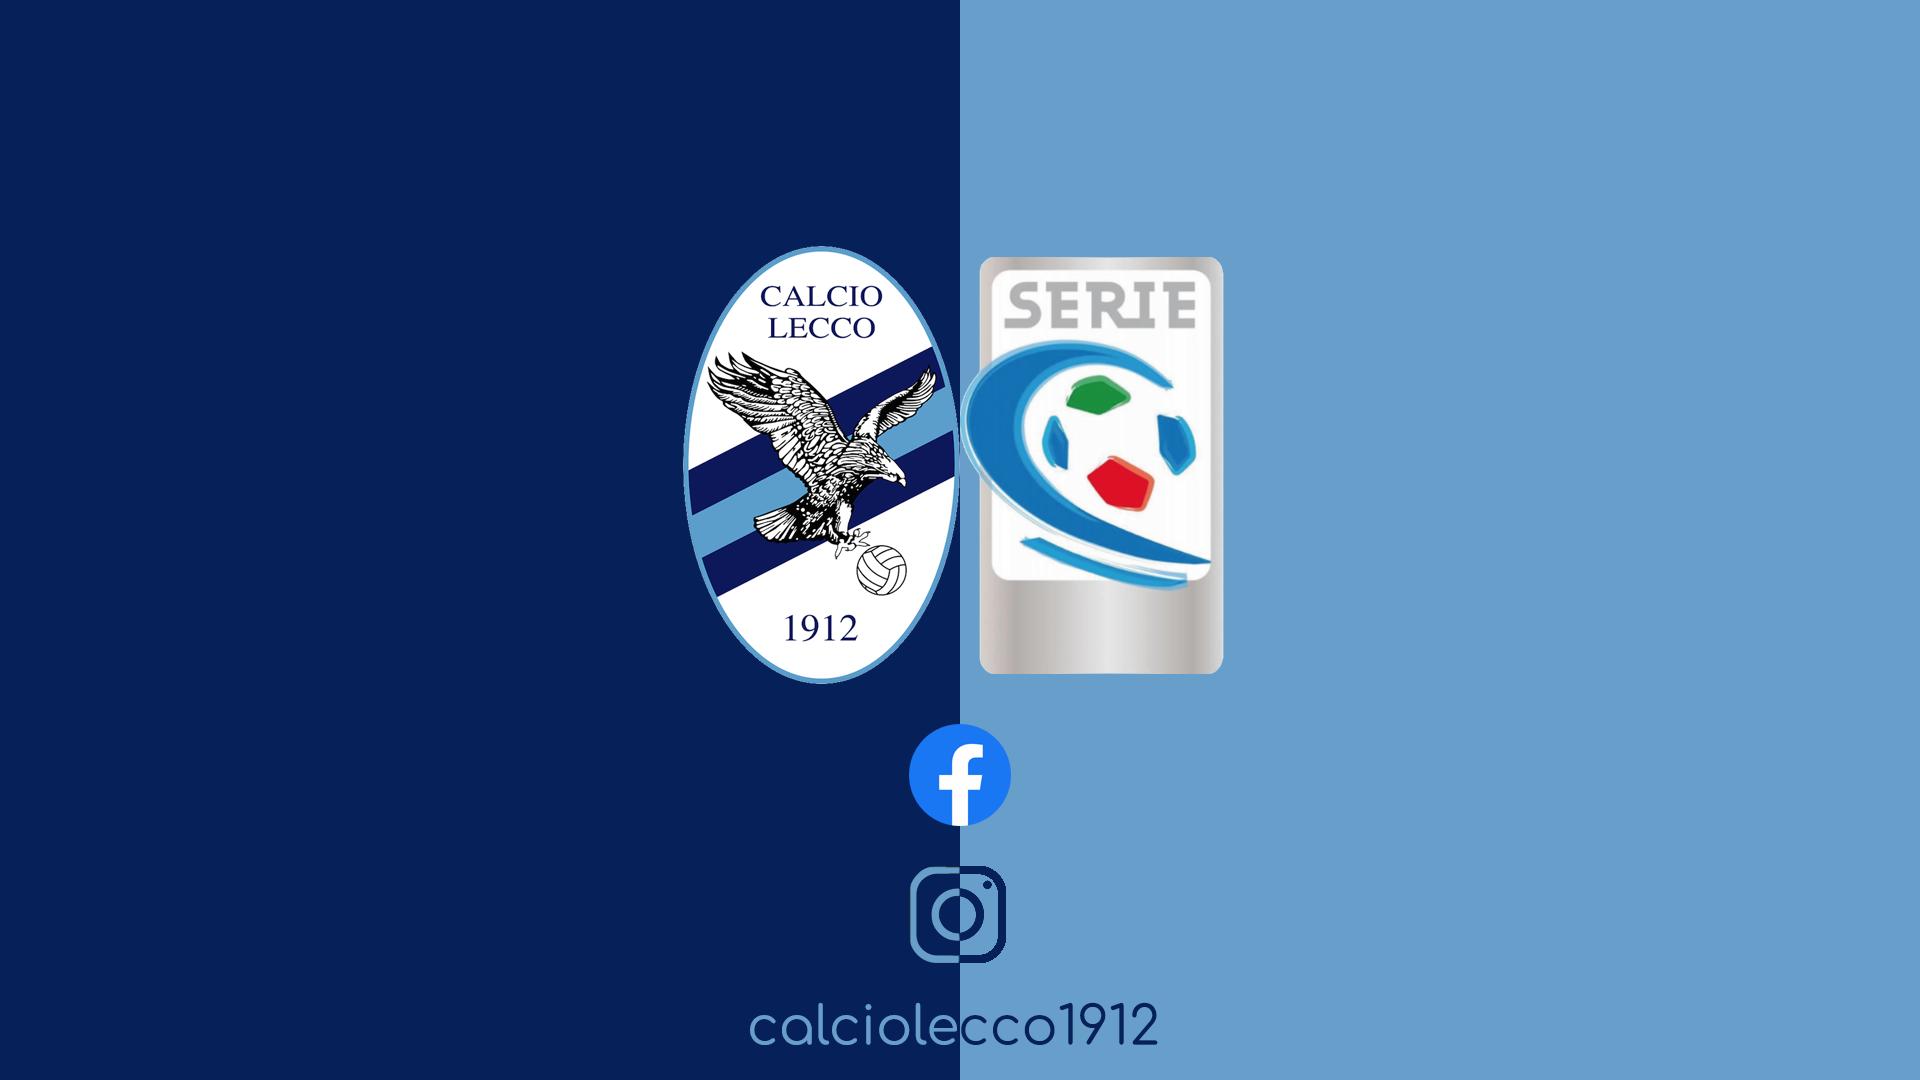 Arezzo Calcio Calendario.Calcio Lecco 1912 Serie C Il Calendario Completo Del